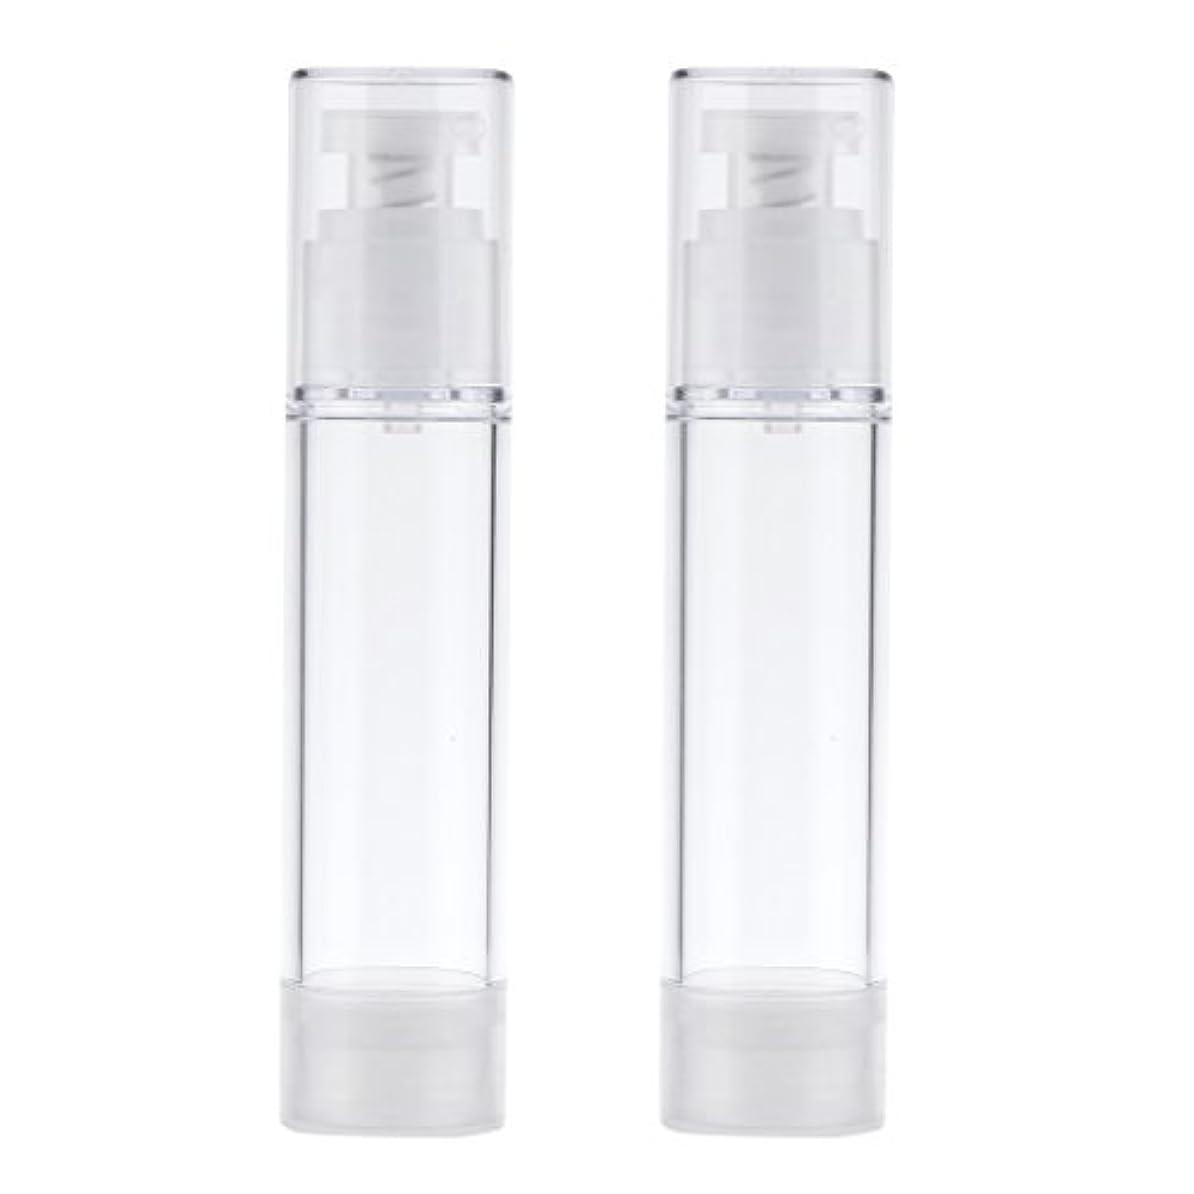 締め切り変更ゴールデン2個 ポンプボトル エアレスボトル ポンプディスペンサー コスメ DIY 詰替え 香水ボトル 3サイズ選べる - 50ml